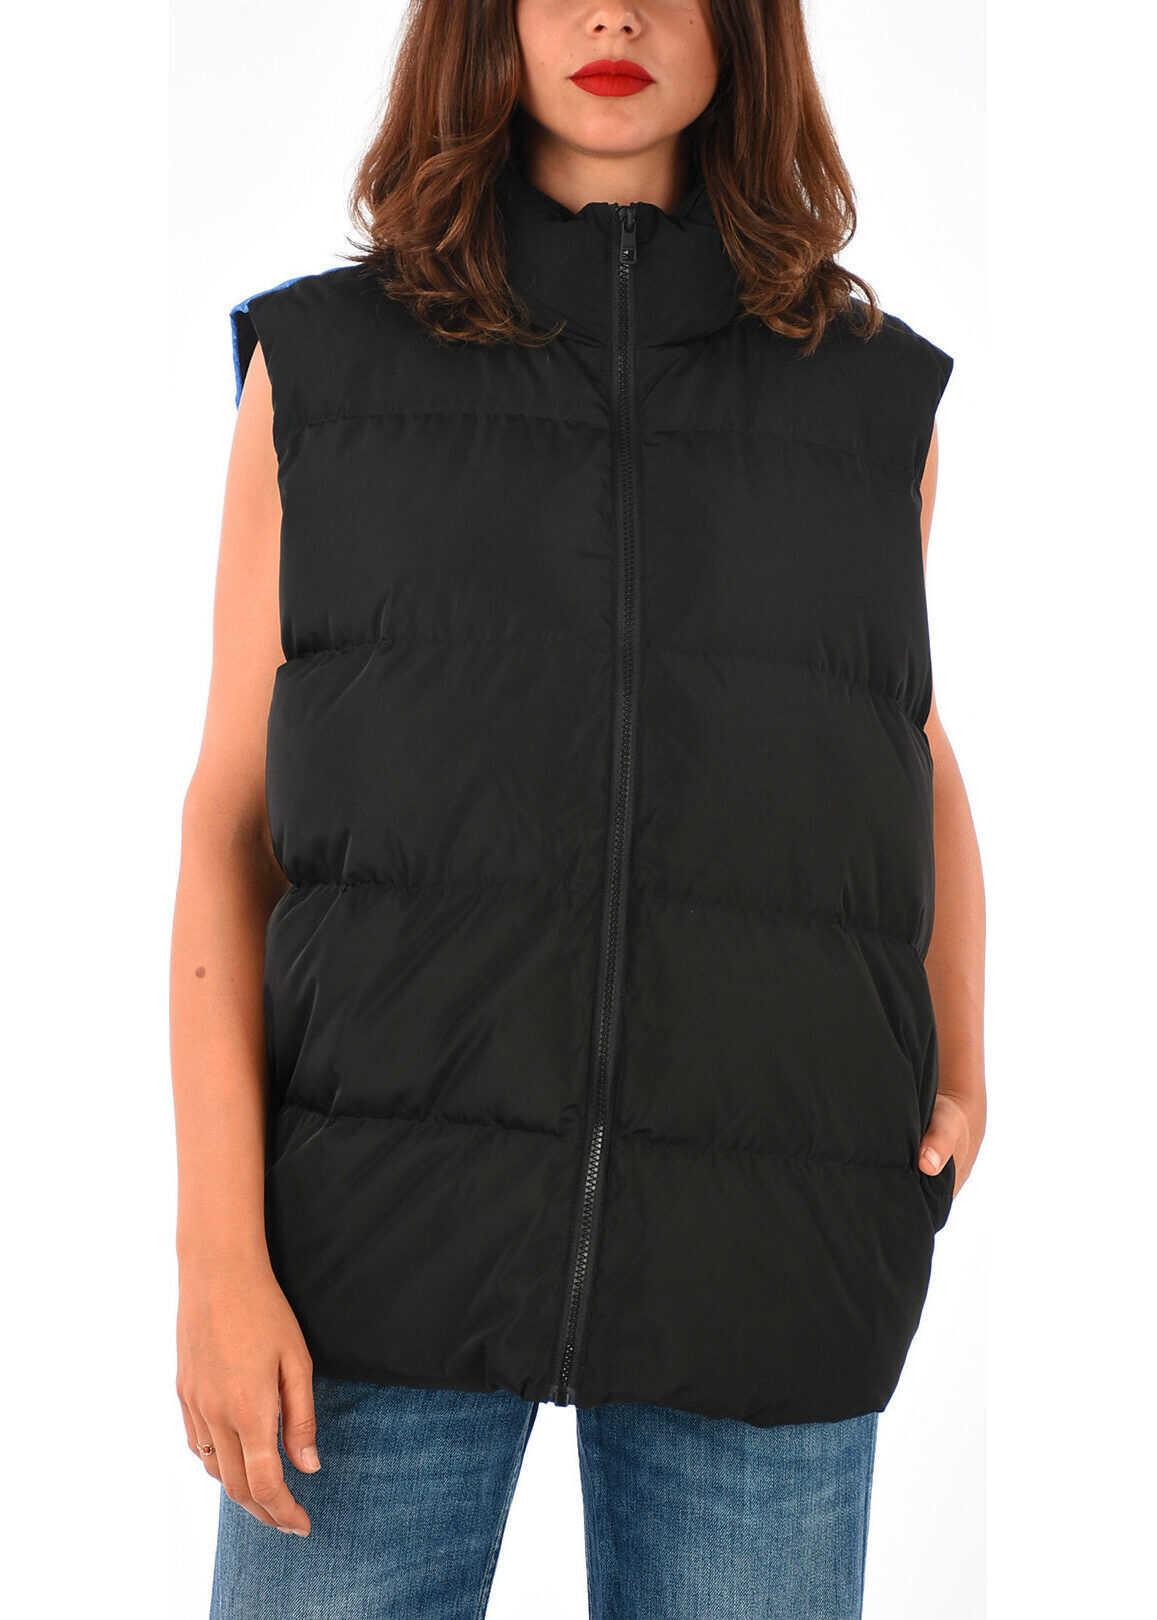 Calvin Klein JEANS EST. 1978 Printed Sleeeves Down Jacket MULTICOLOR